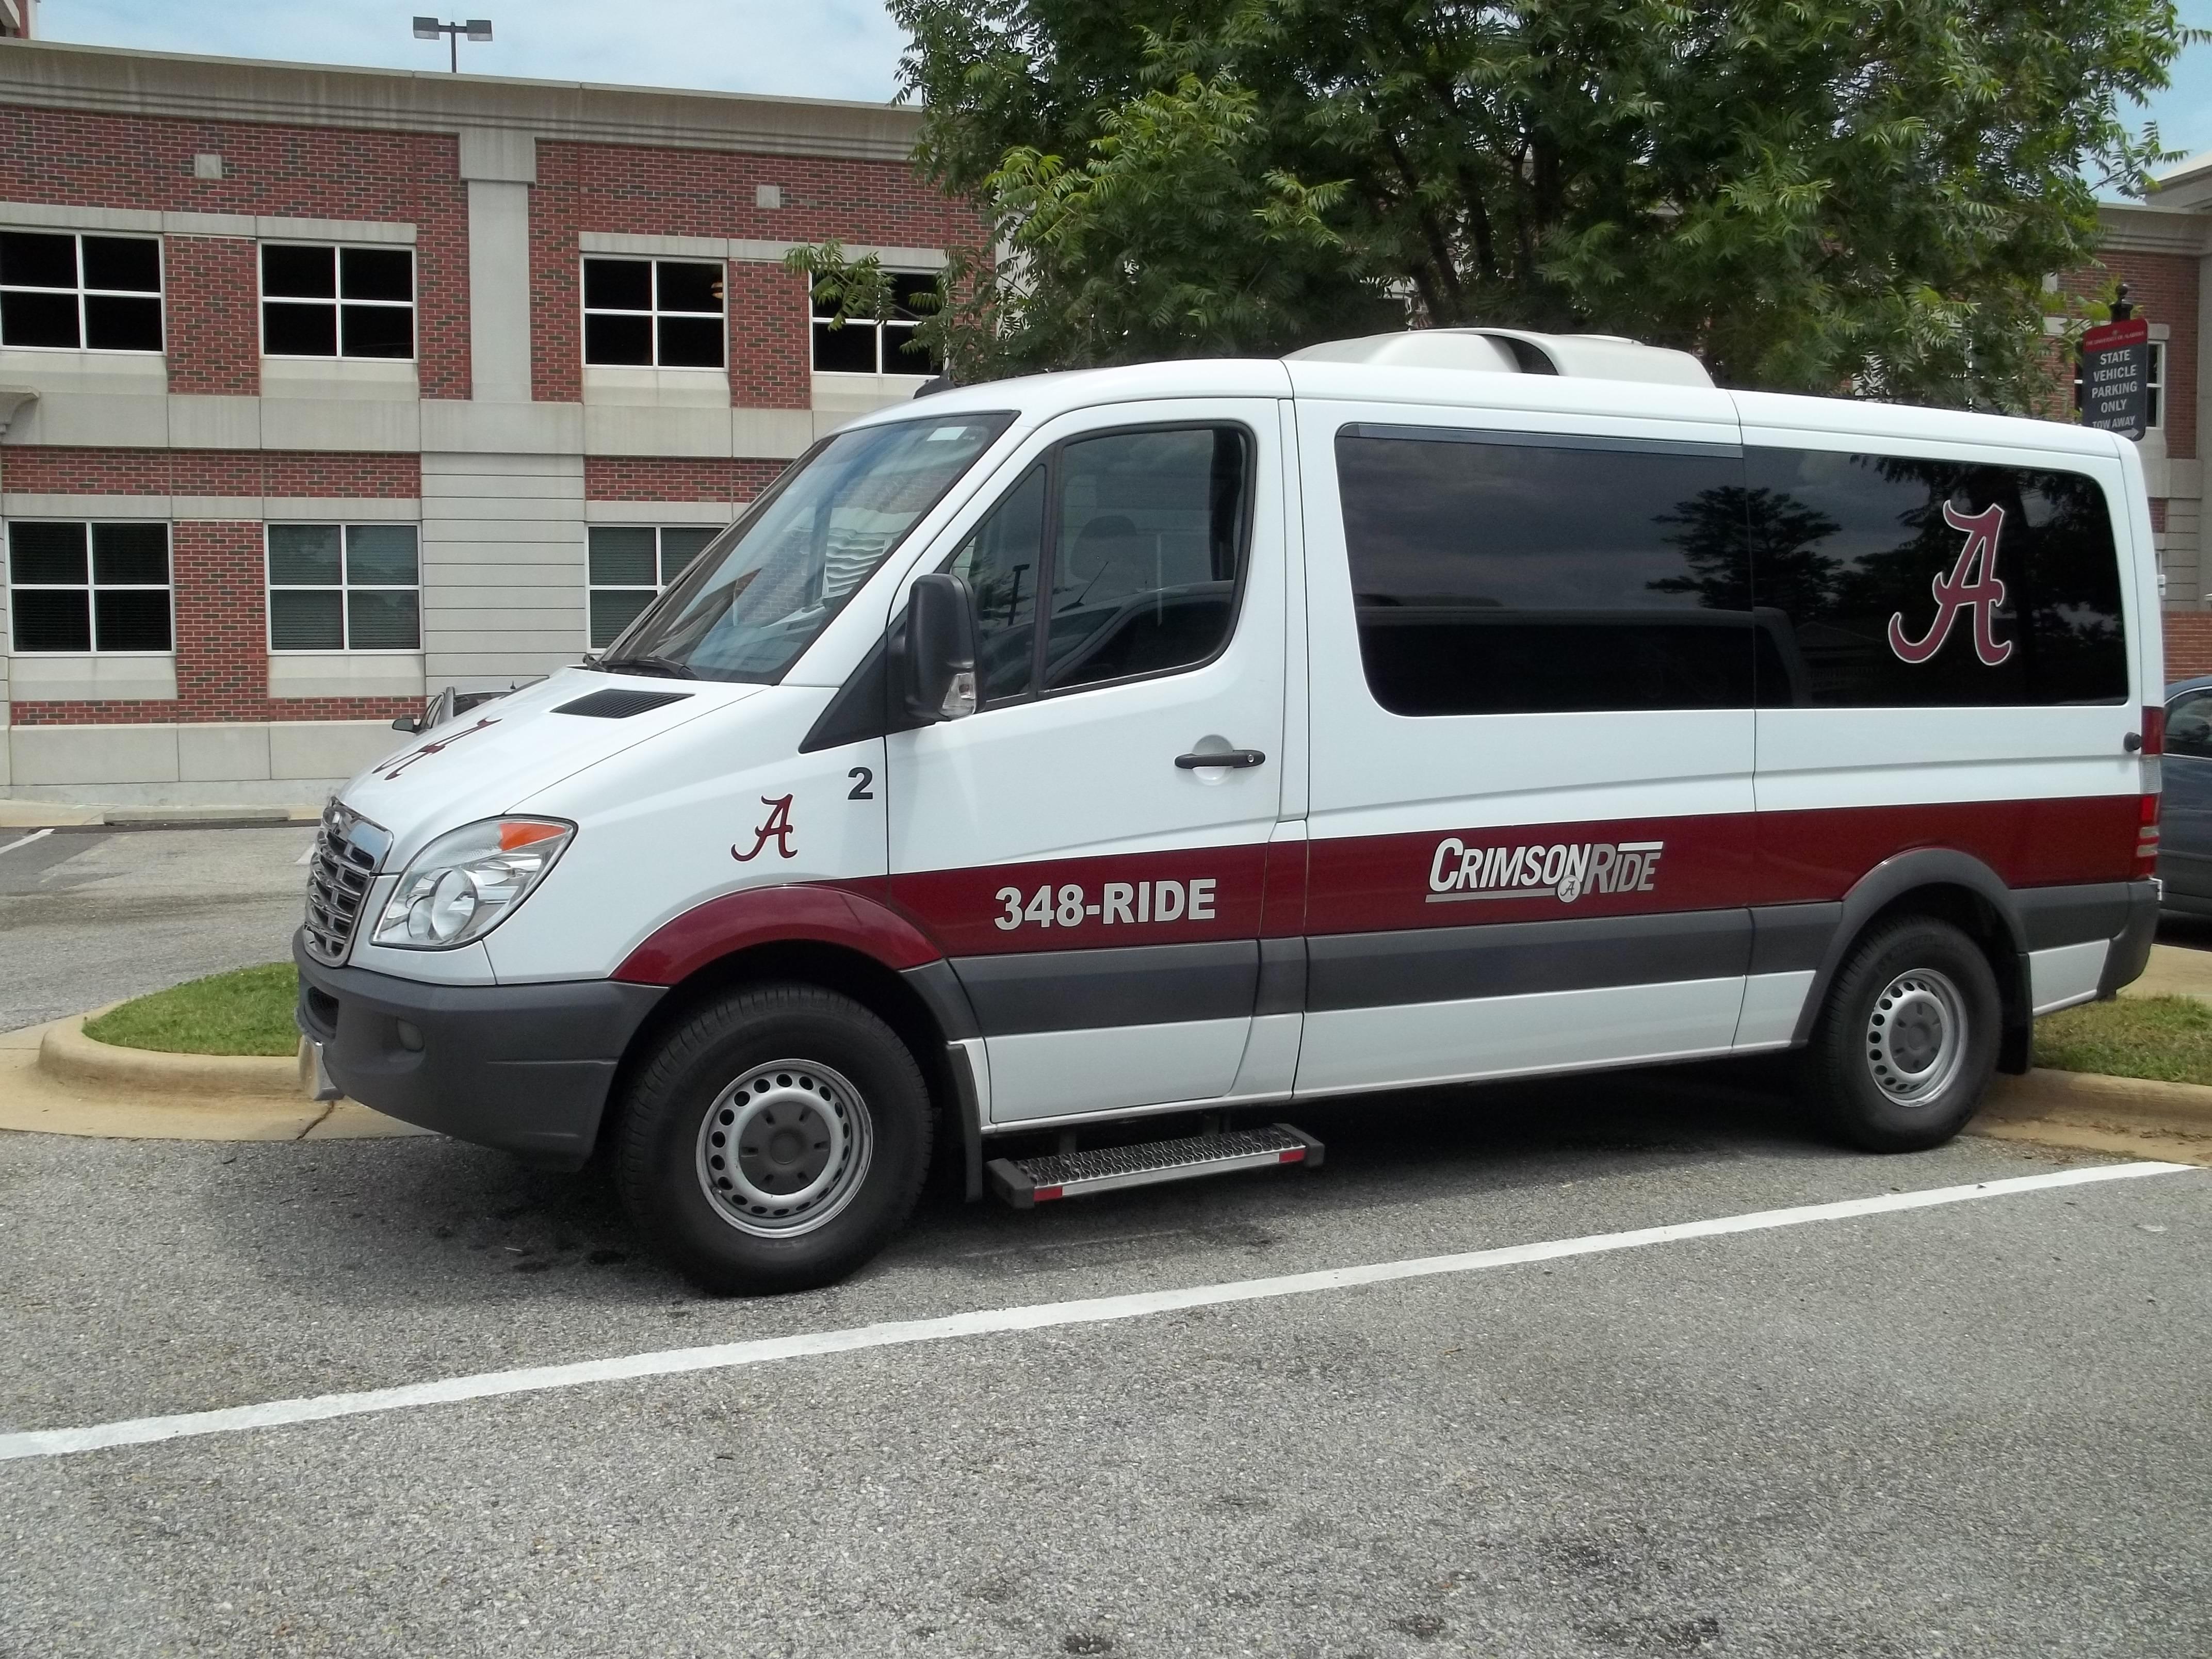 348-RIDE Van